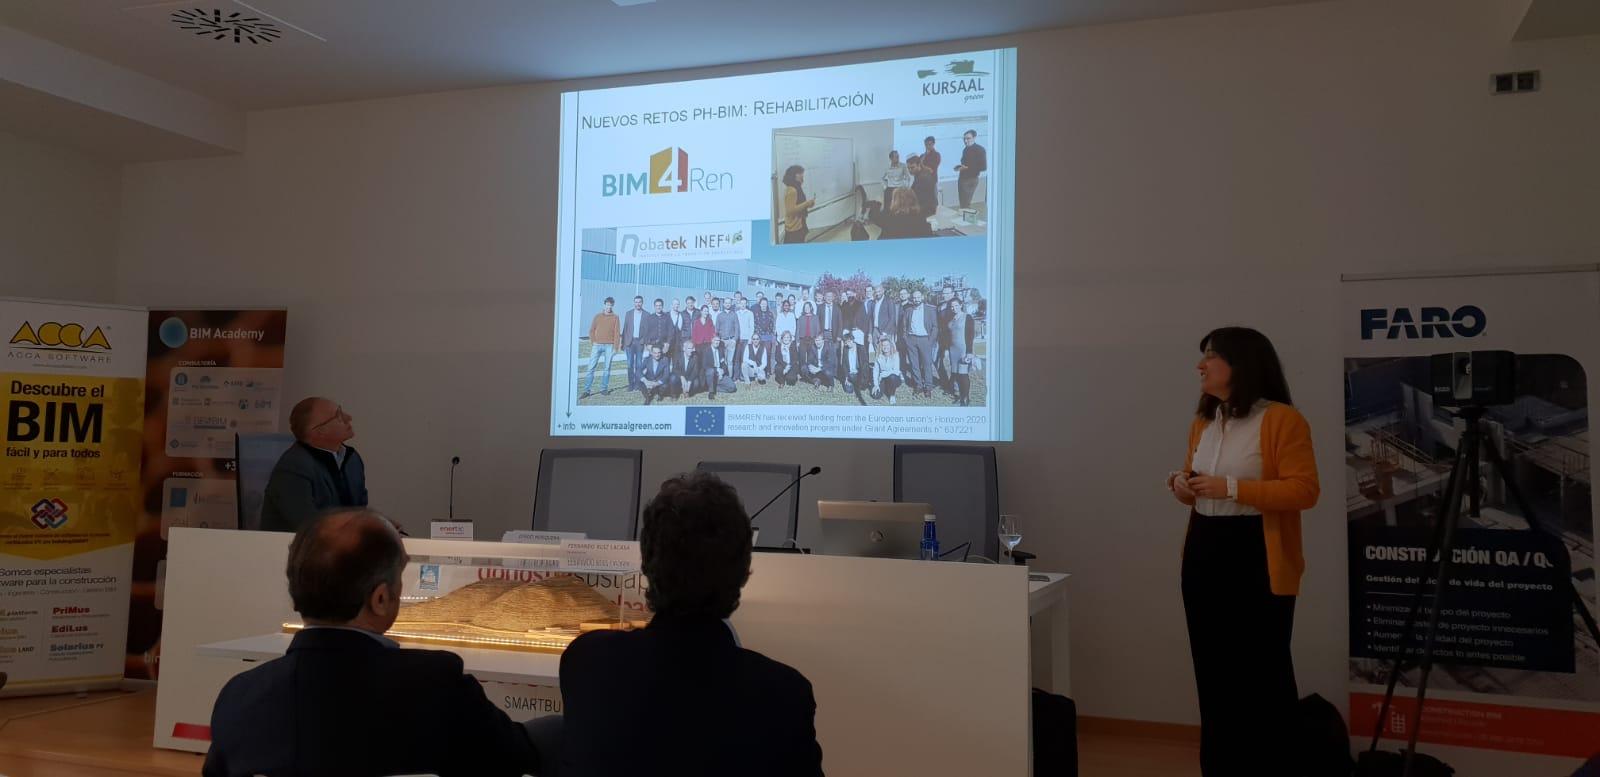 imagen 2 de noticia: participamos-impartiendo-una-ponencia-en-la-jornada-bim-para-administraciones-pblicas-y-universidad-organizada-por-bim-academy